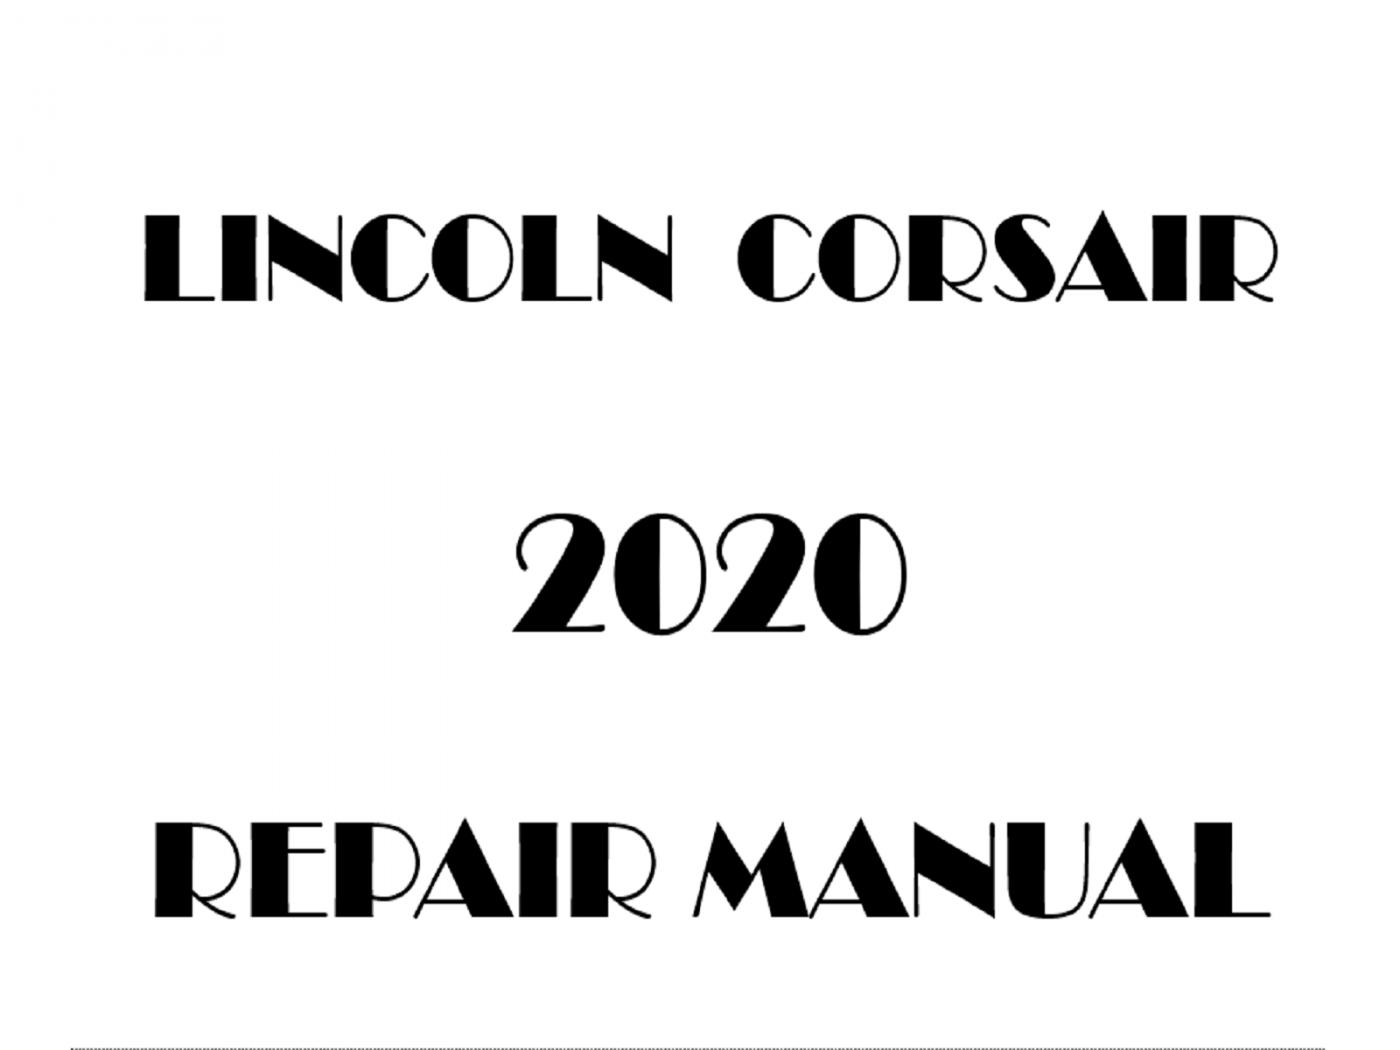 2020 Lincoln Corsair factory repair manual